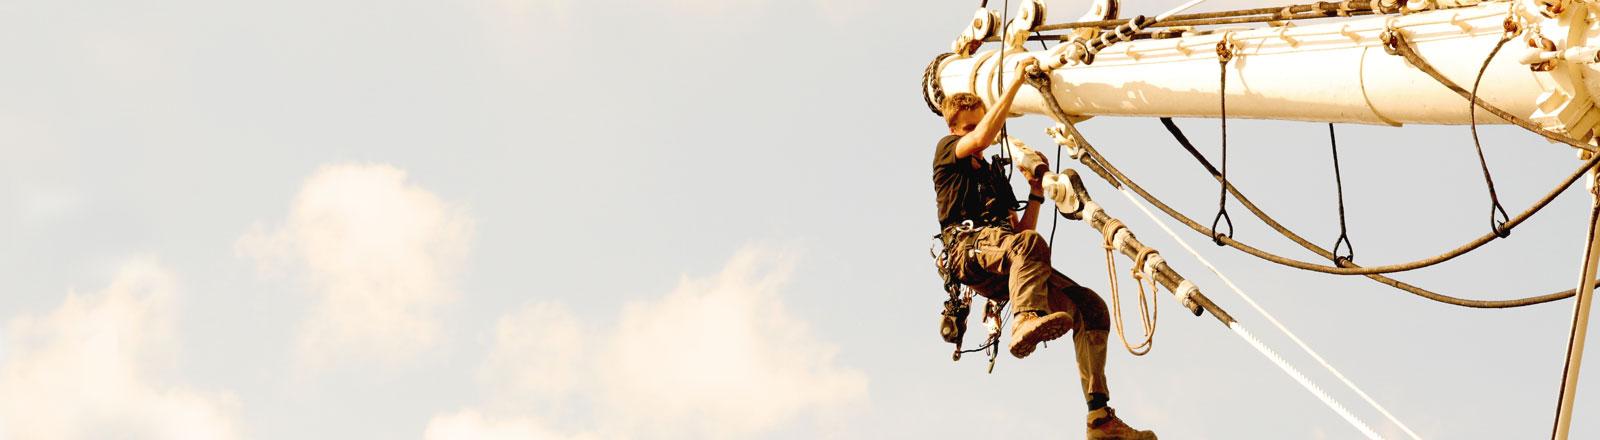 Ein Mann auf dem Mast eines Segelboots.